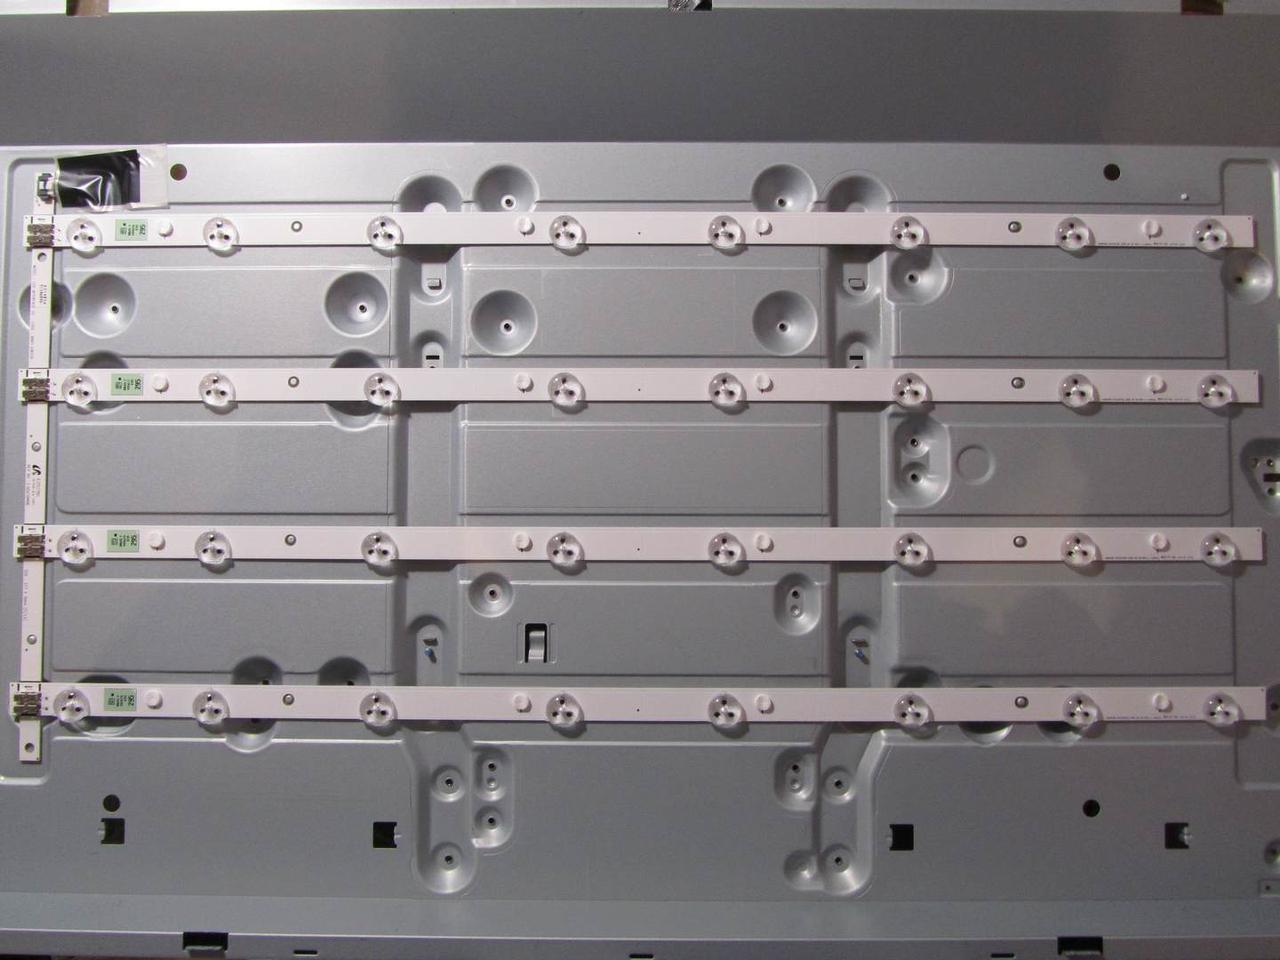 Светодиодная подсветка 2012SVS32 3228 HD 08 REV1.1 для телевизора Samsung UE32EH4030W